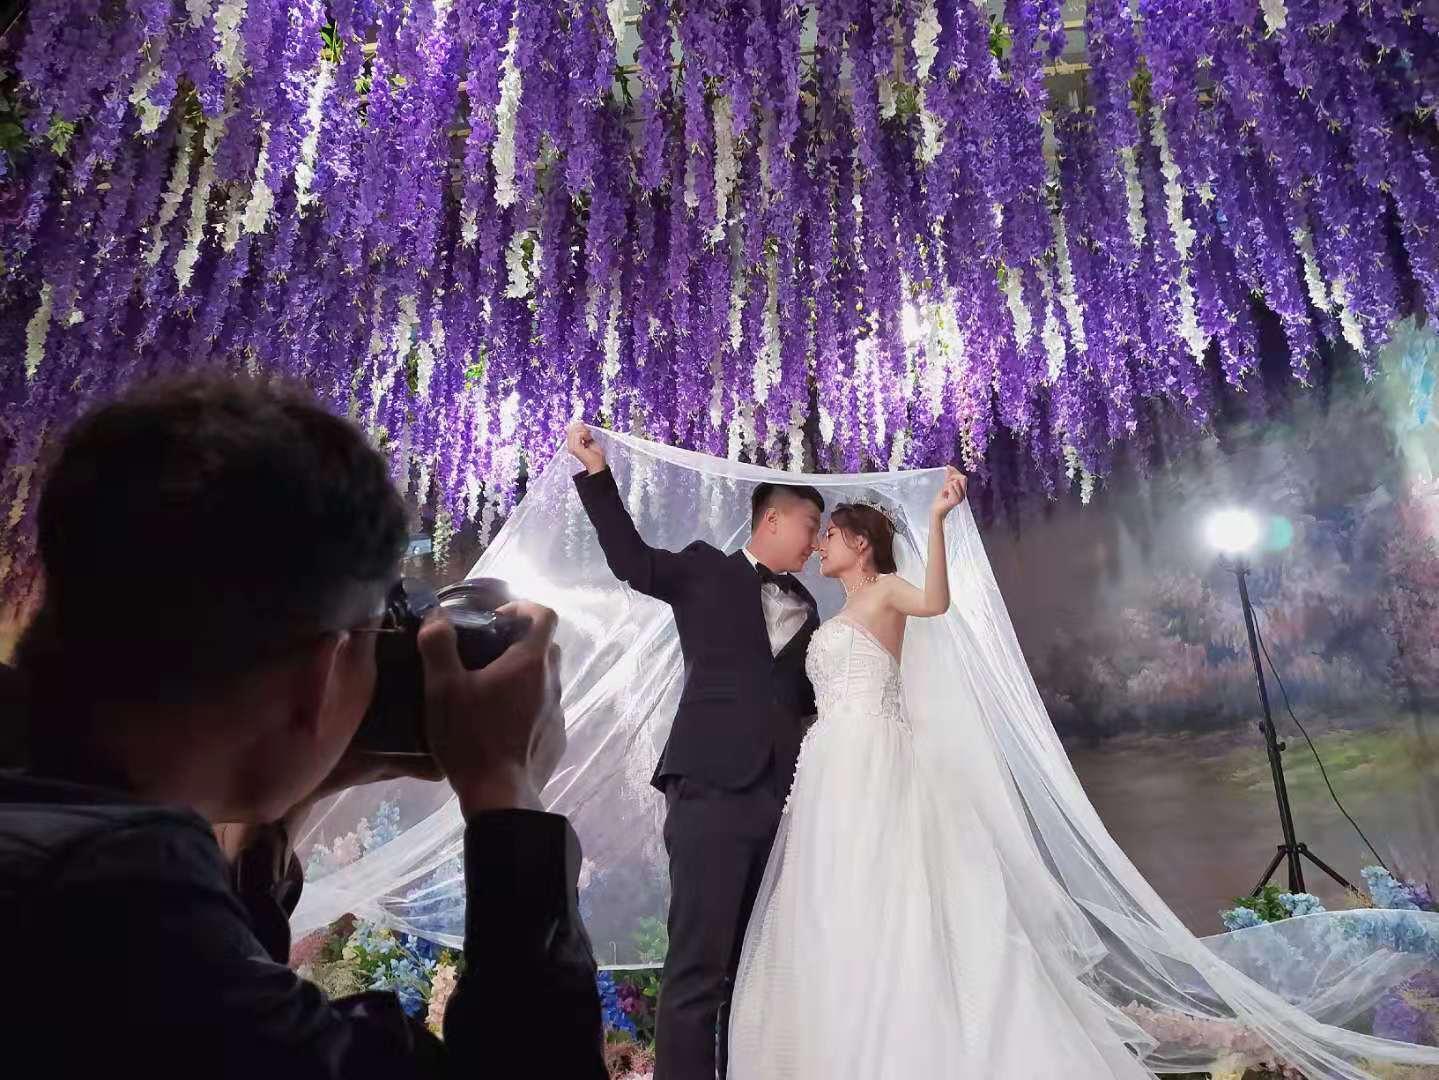 保定婚纱摄影伊尚婚纱摄影工作室记录爱情故事